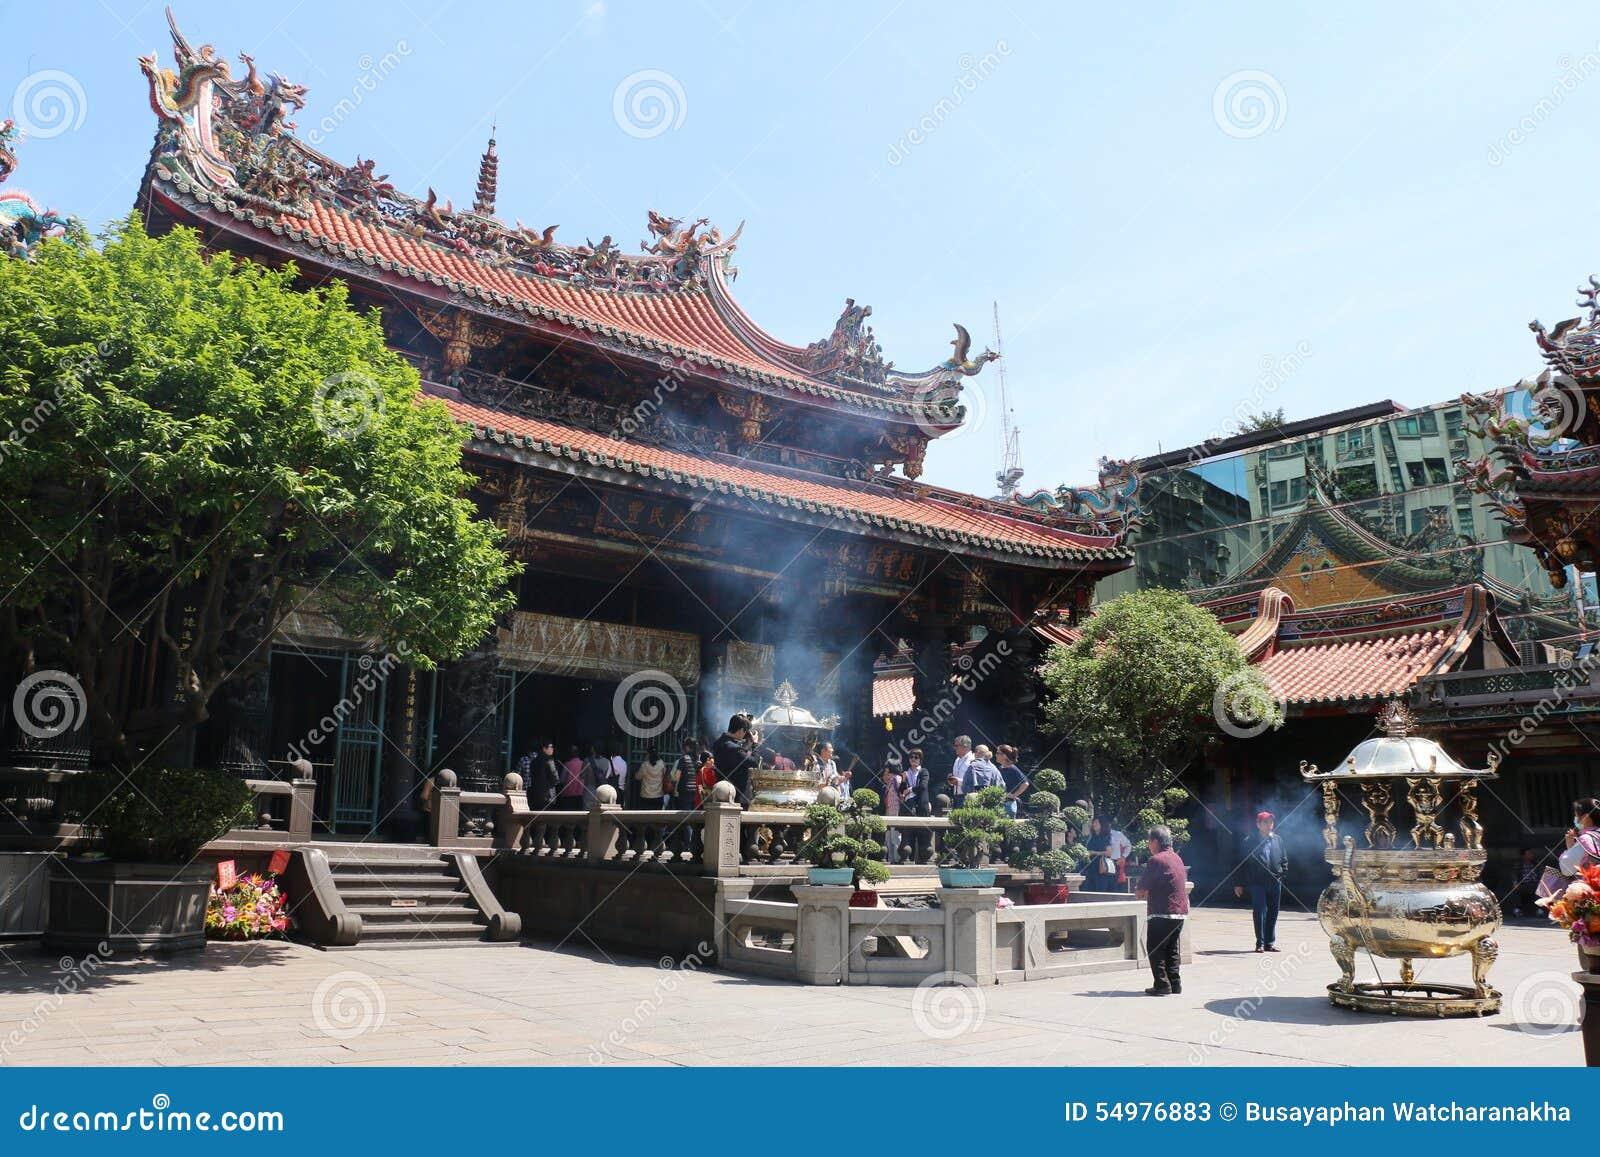 TAIPEI TAIWAN - APRIL 15, 2015